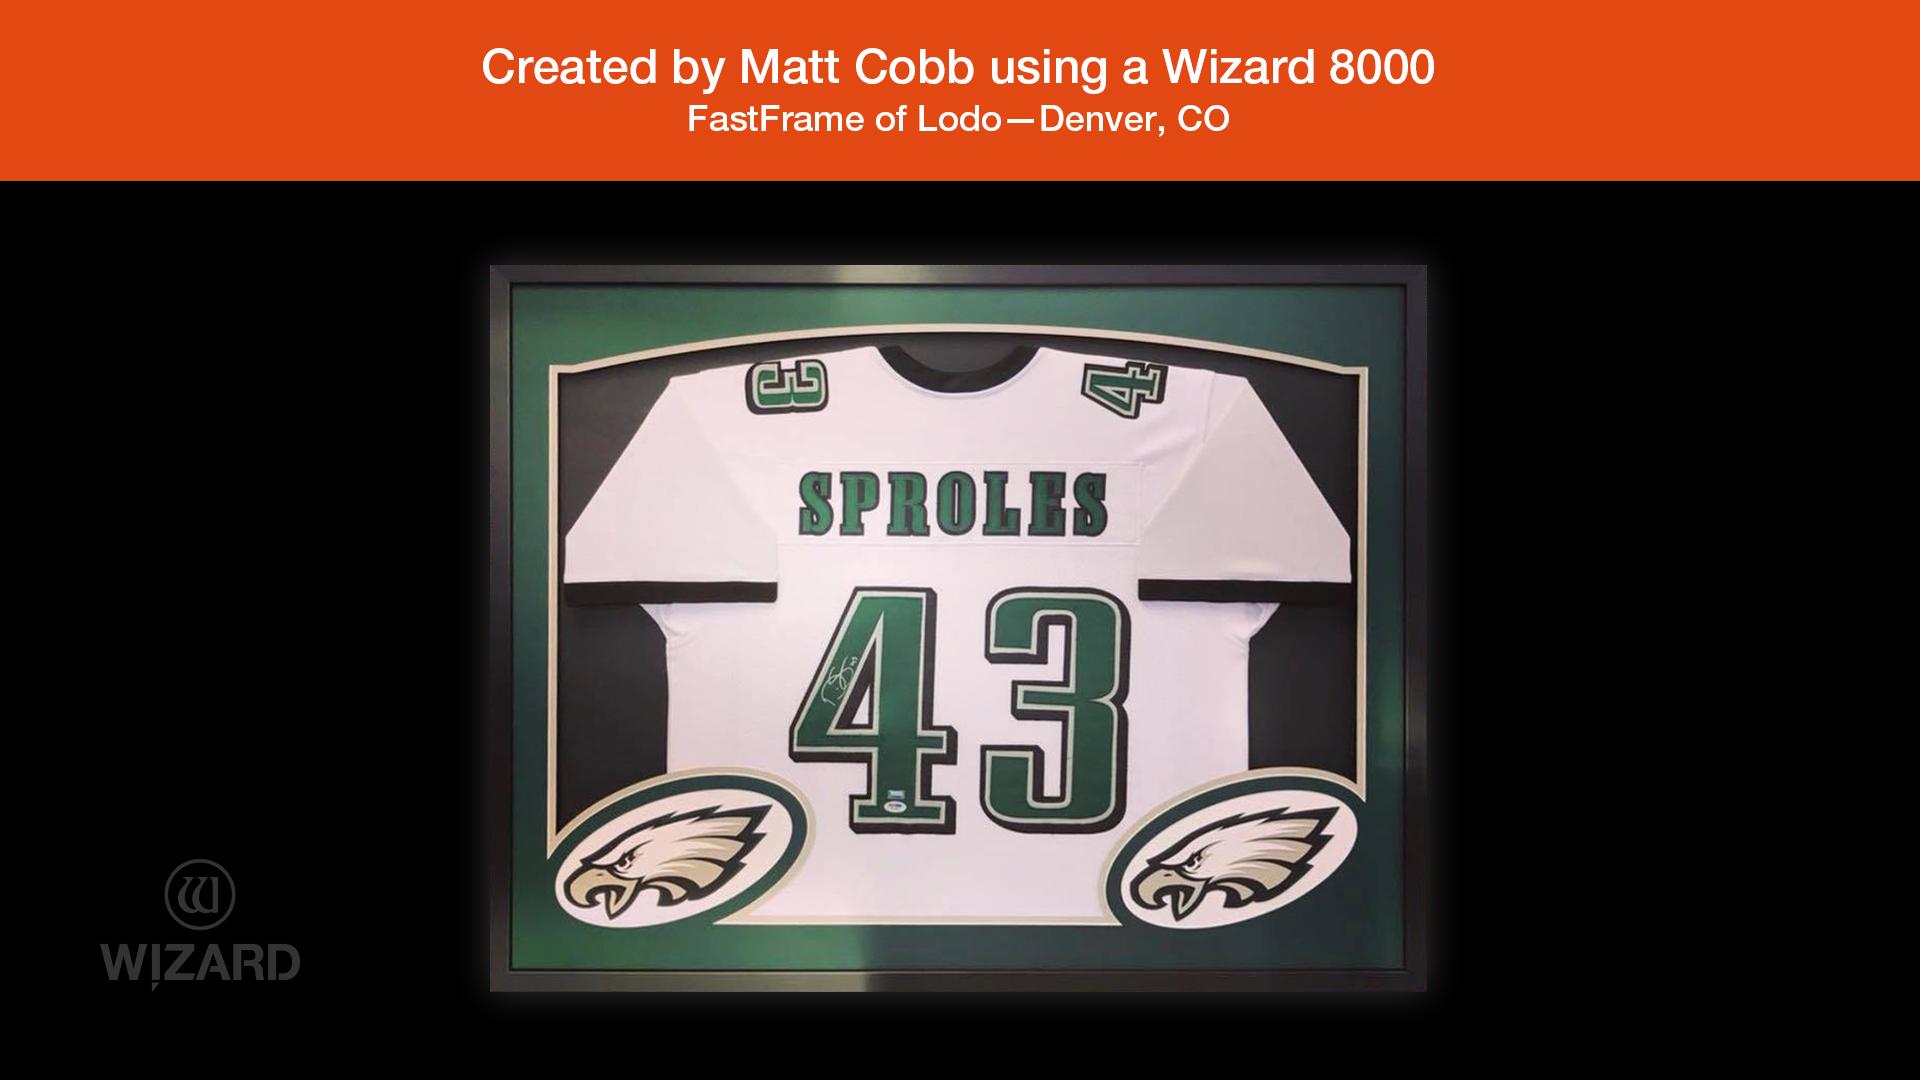 matt-cobb-14.jpg